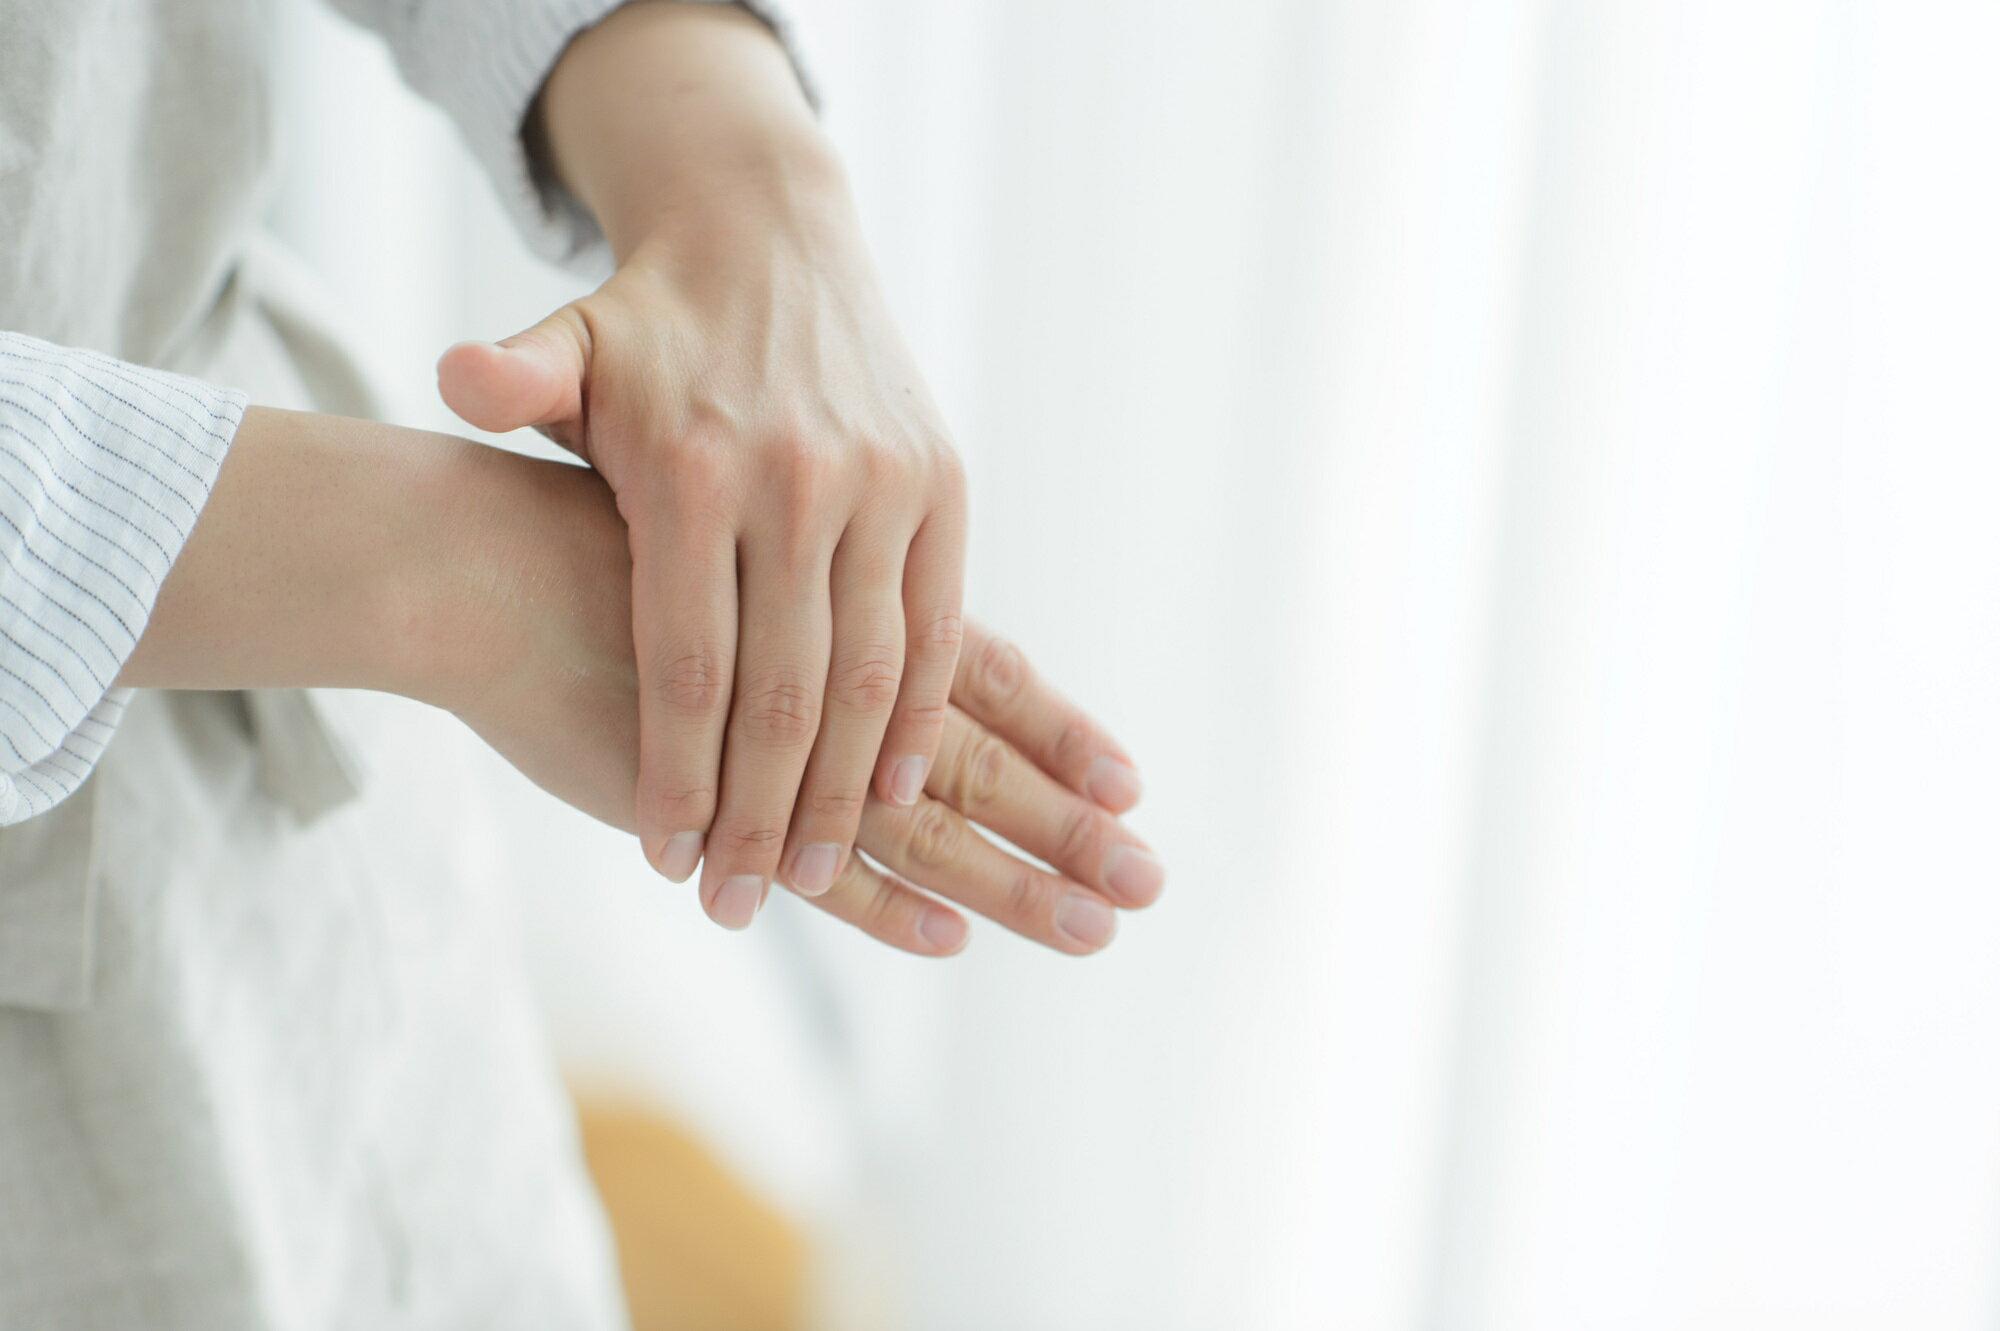 手 痺れ 妊婦 の